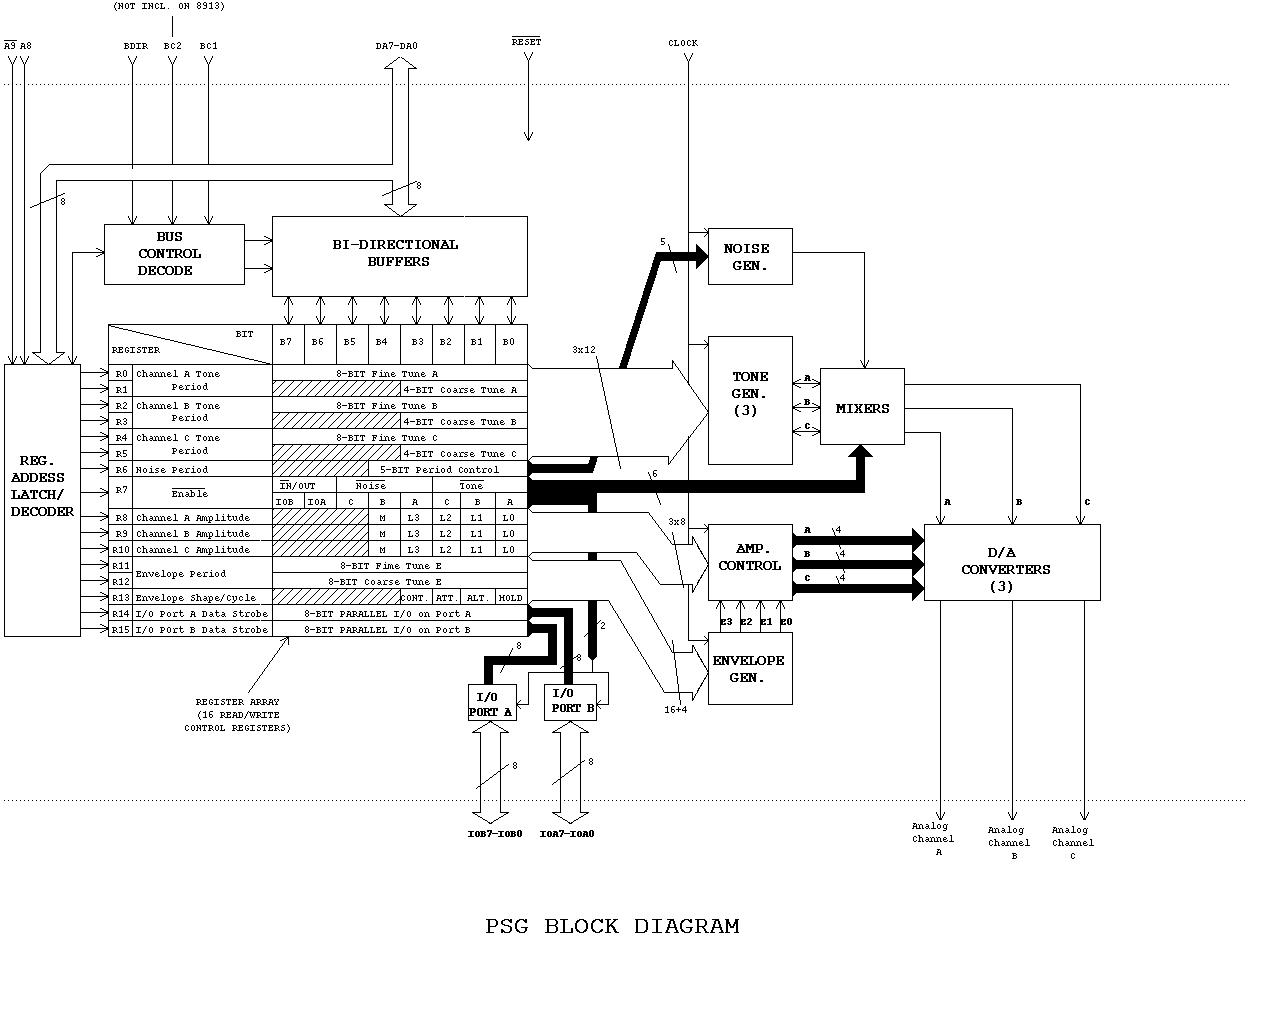 file ay-3-8910 - circuit flowchart png